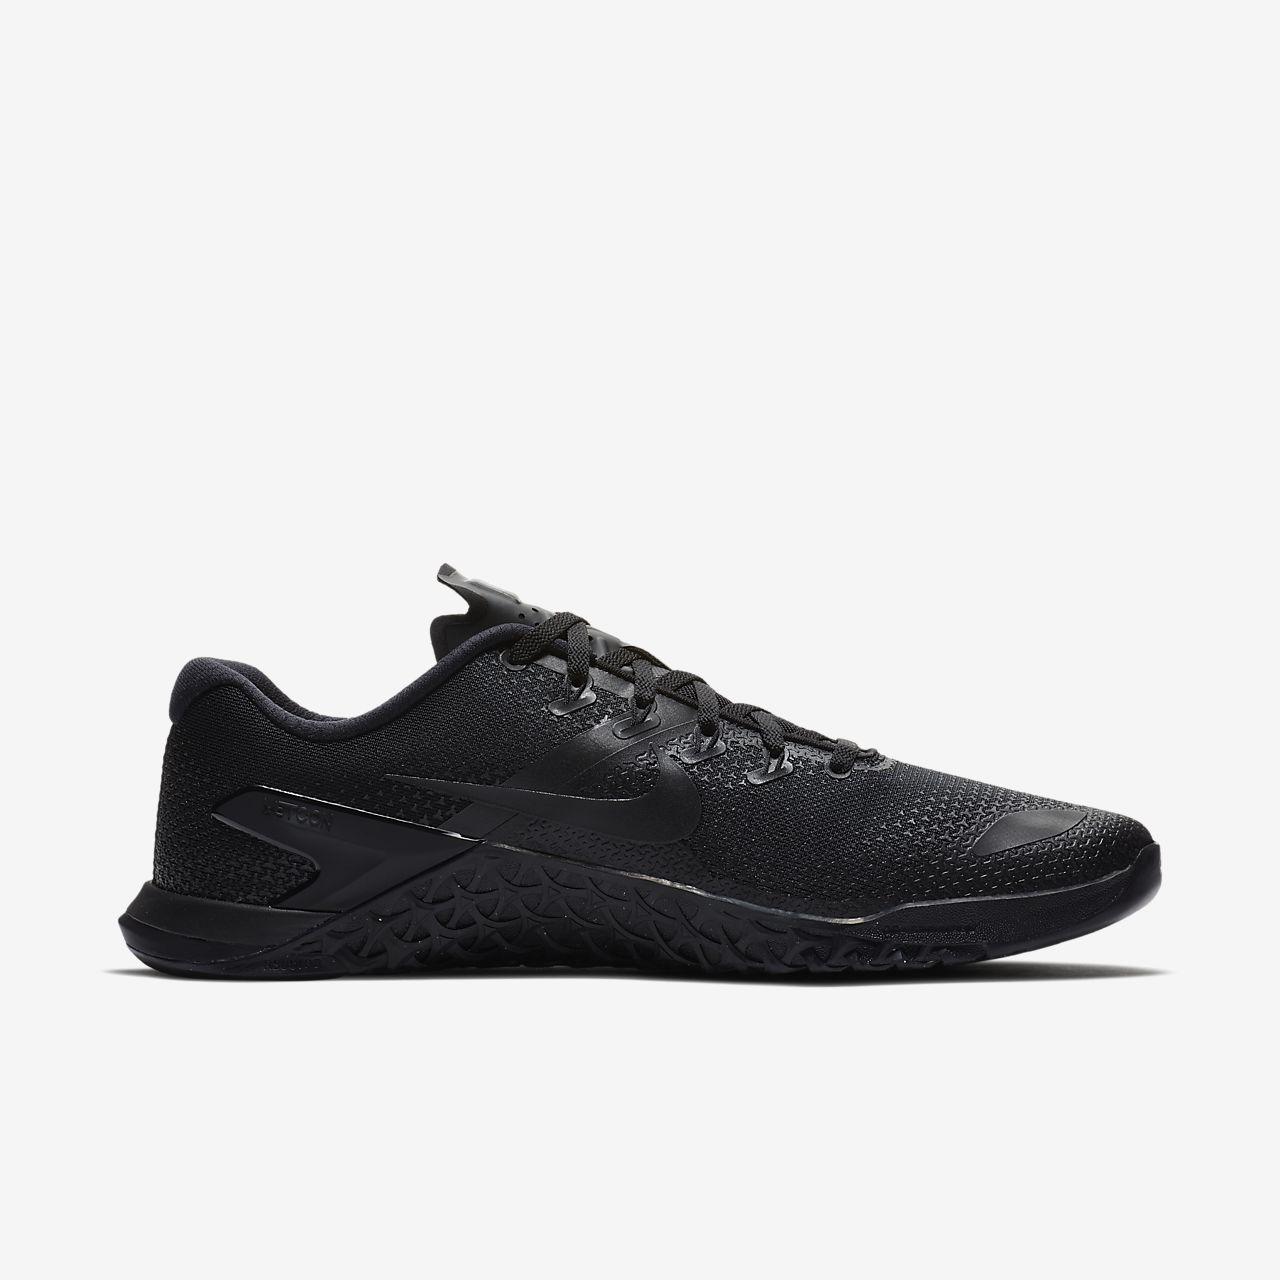 buy popular 6895e 0705f ... Calzado de cross-training y levantamiento de pesas para hombre Nike  Metcon 4